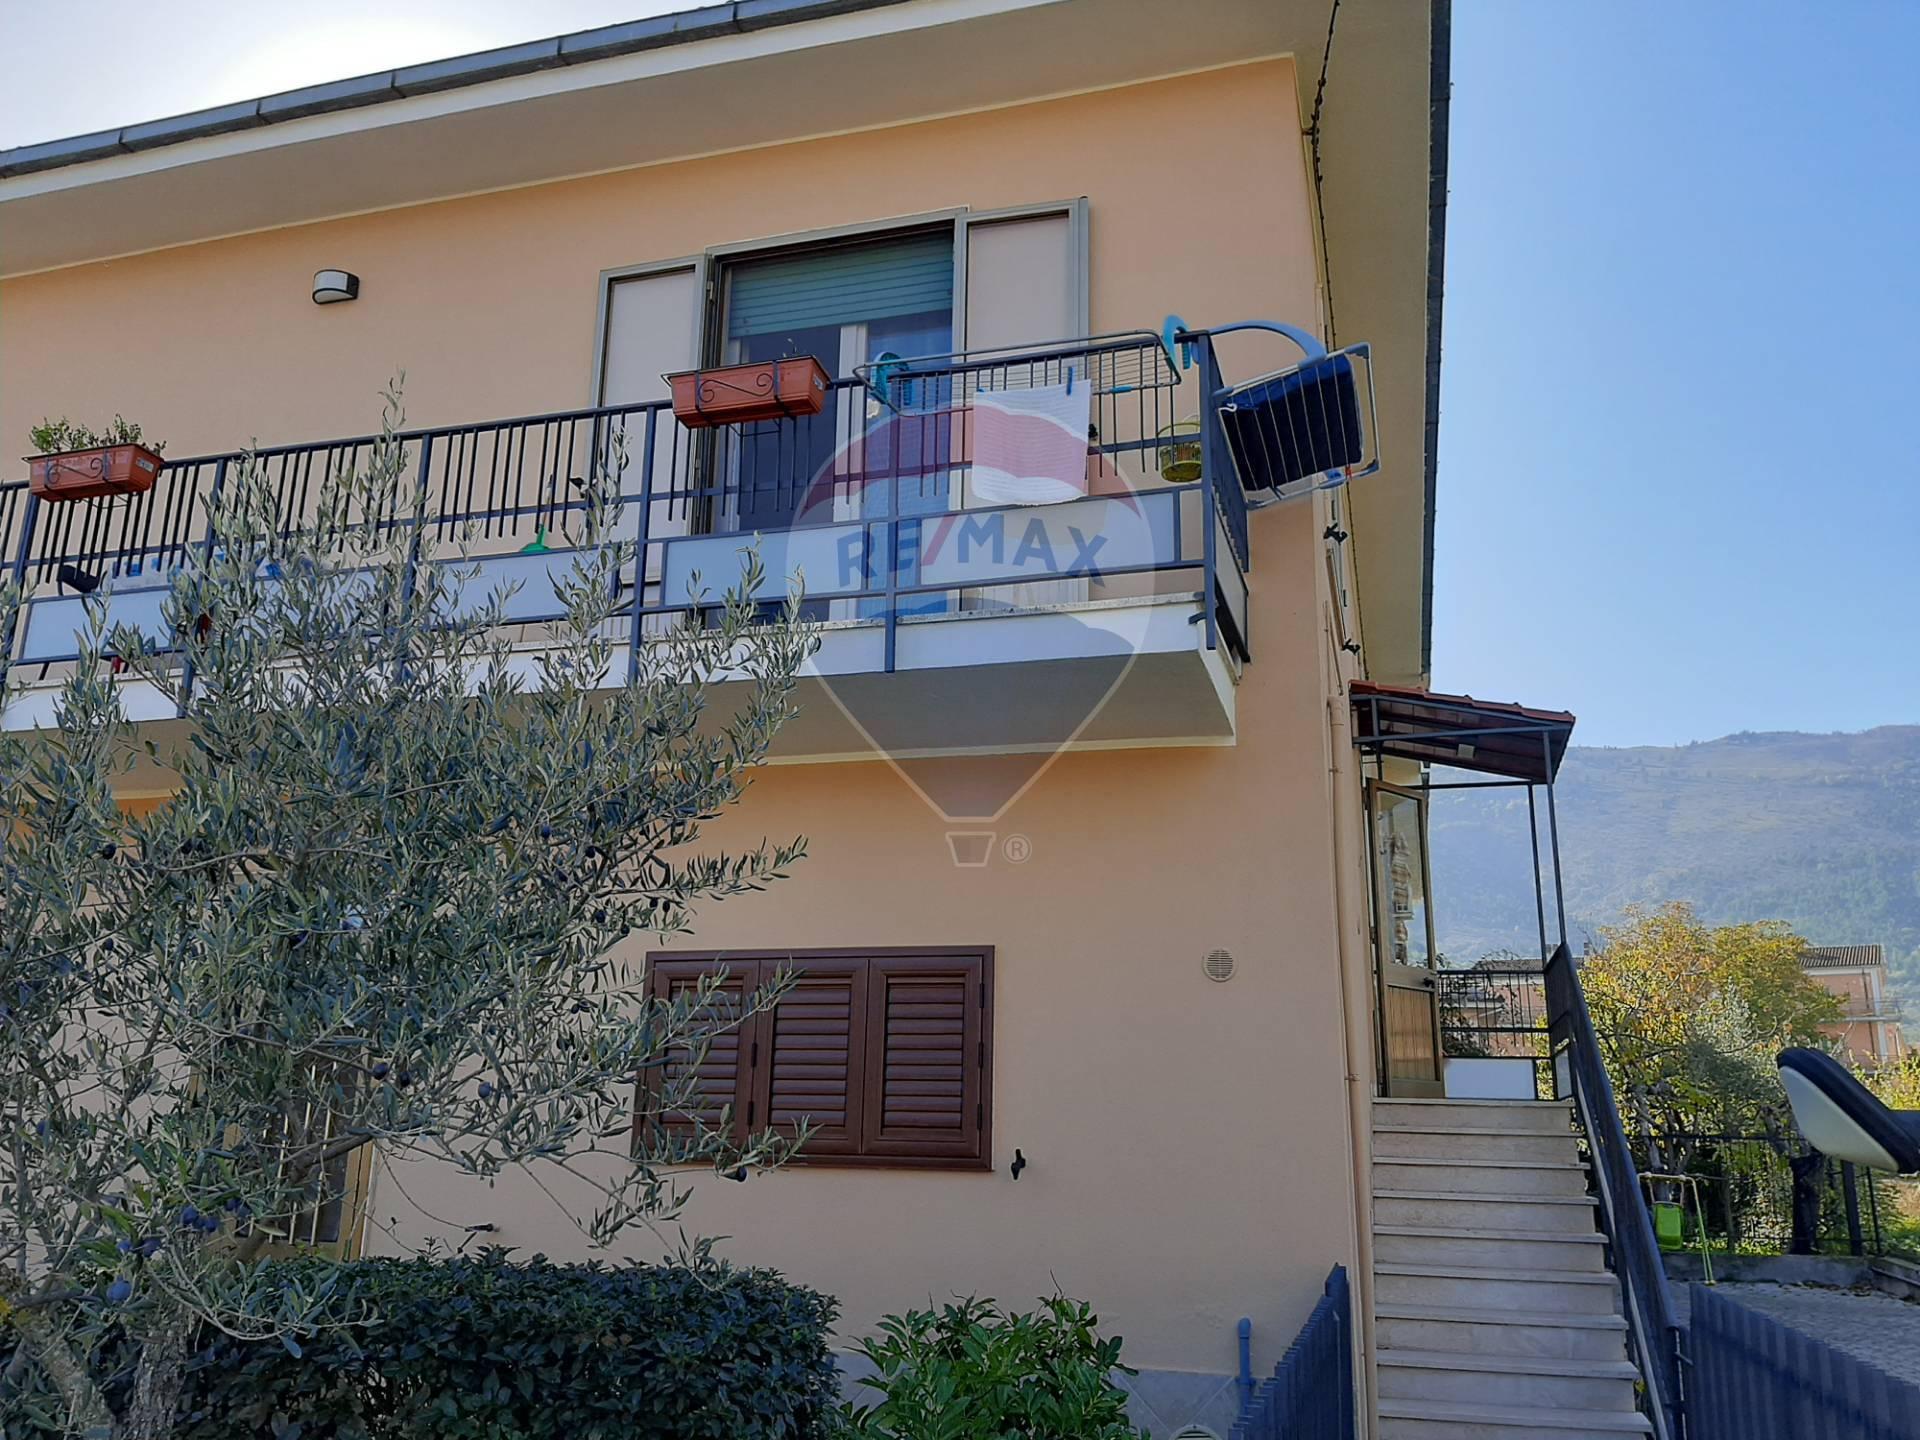 Soluzione Semindipendente in vendita a Raiano, 6 locali, prezzo € 140.000 | CambioCasa.it